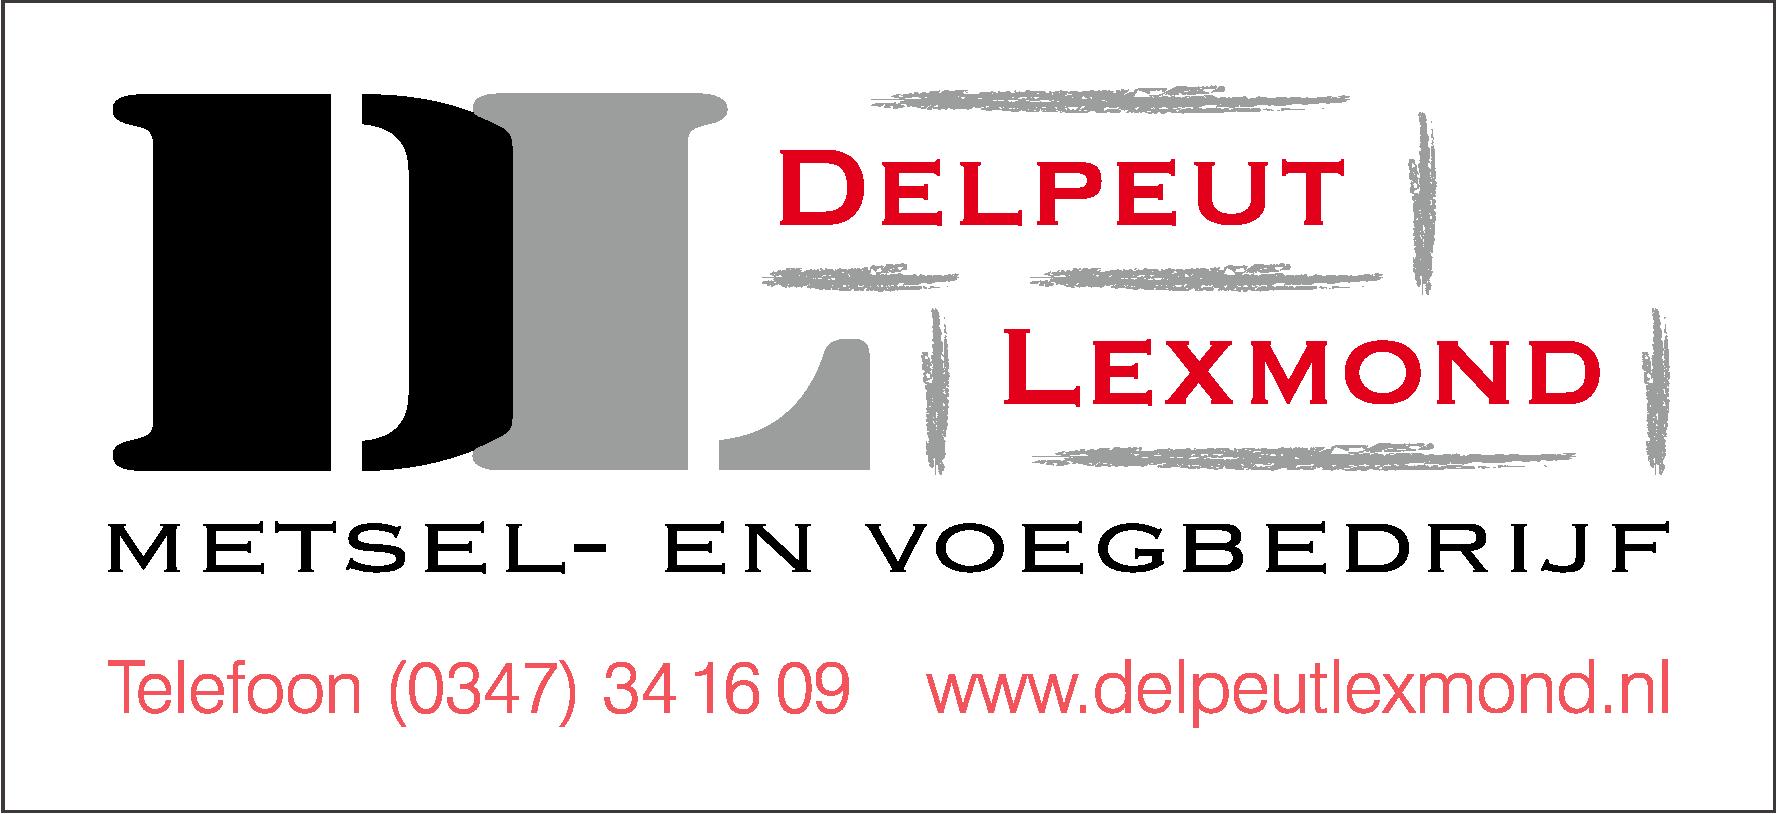 Delpeut Lexmond